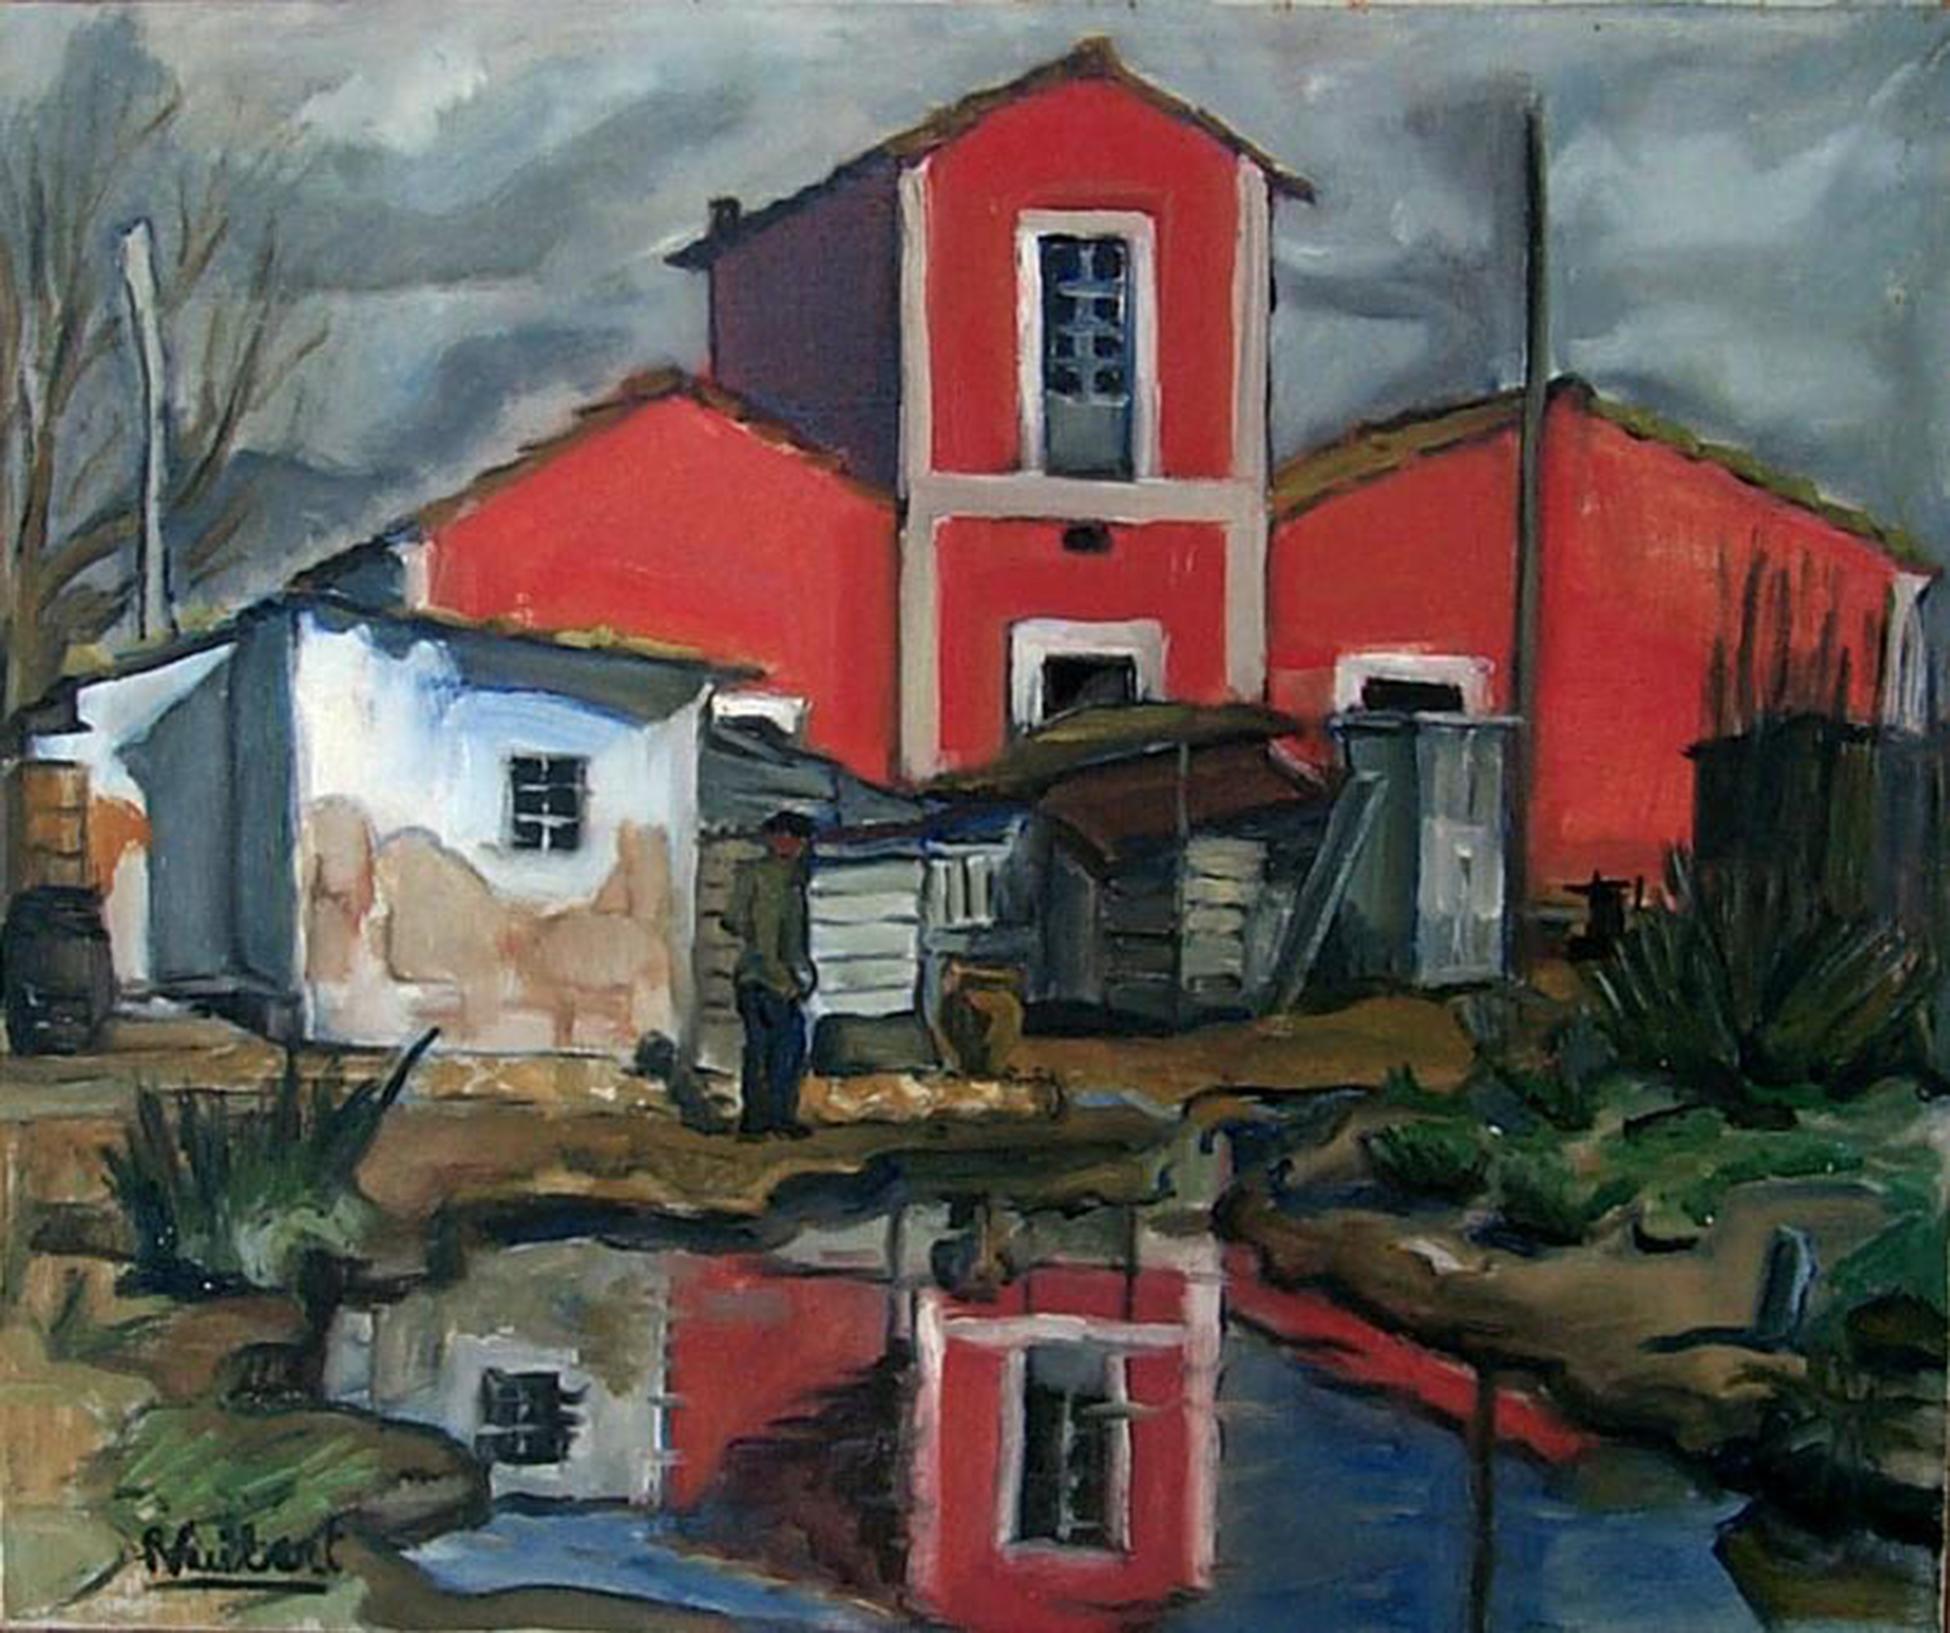 La casa vermella (Eivissa). René Vuibert. 1956. Oli damunt llenç. Mesures desconegudes.